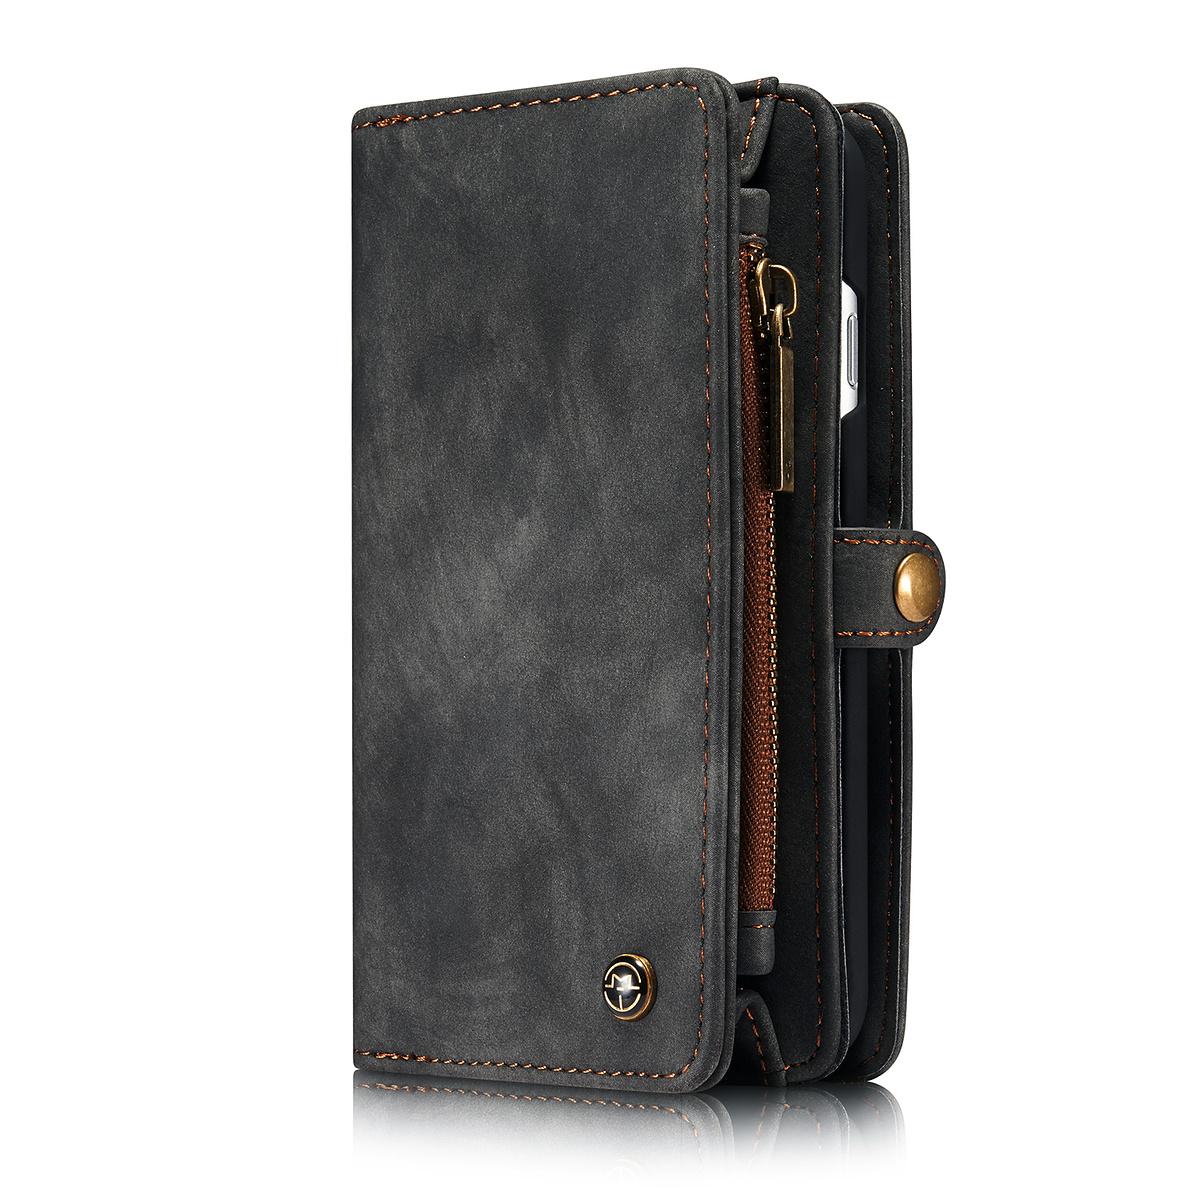 CaseMe plånboksfodral med magnetskal, iPhone 7/8, svart/grön